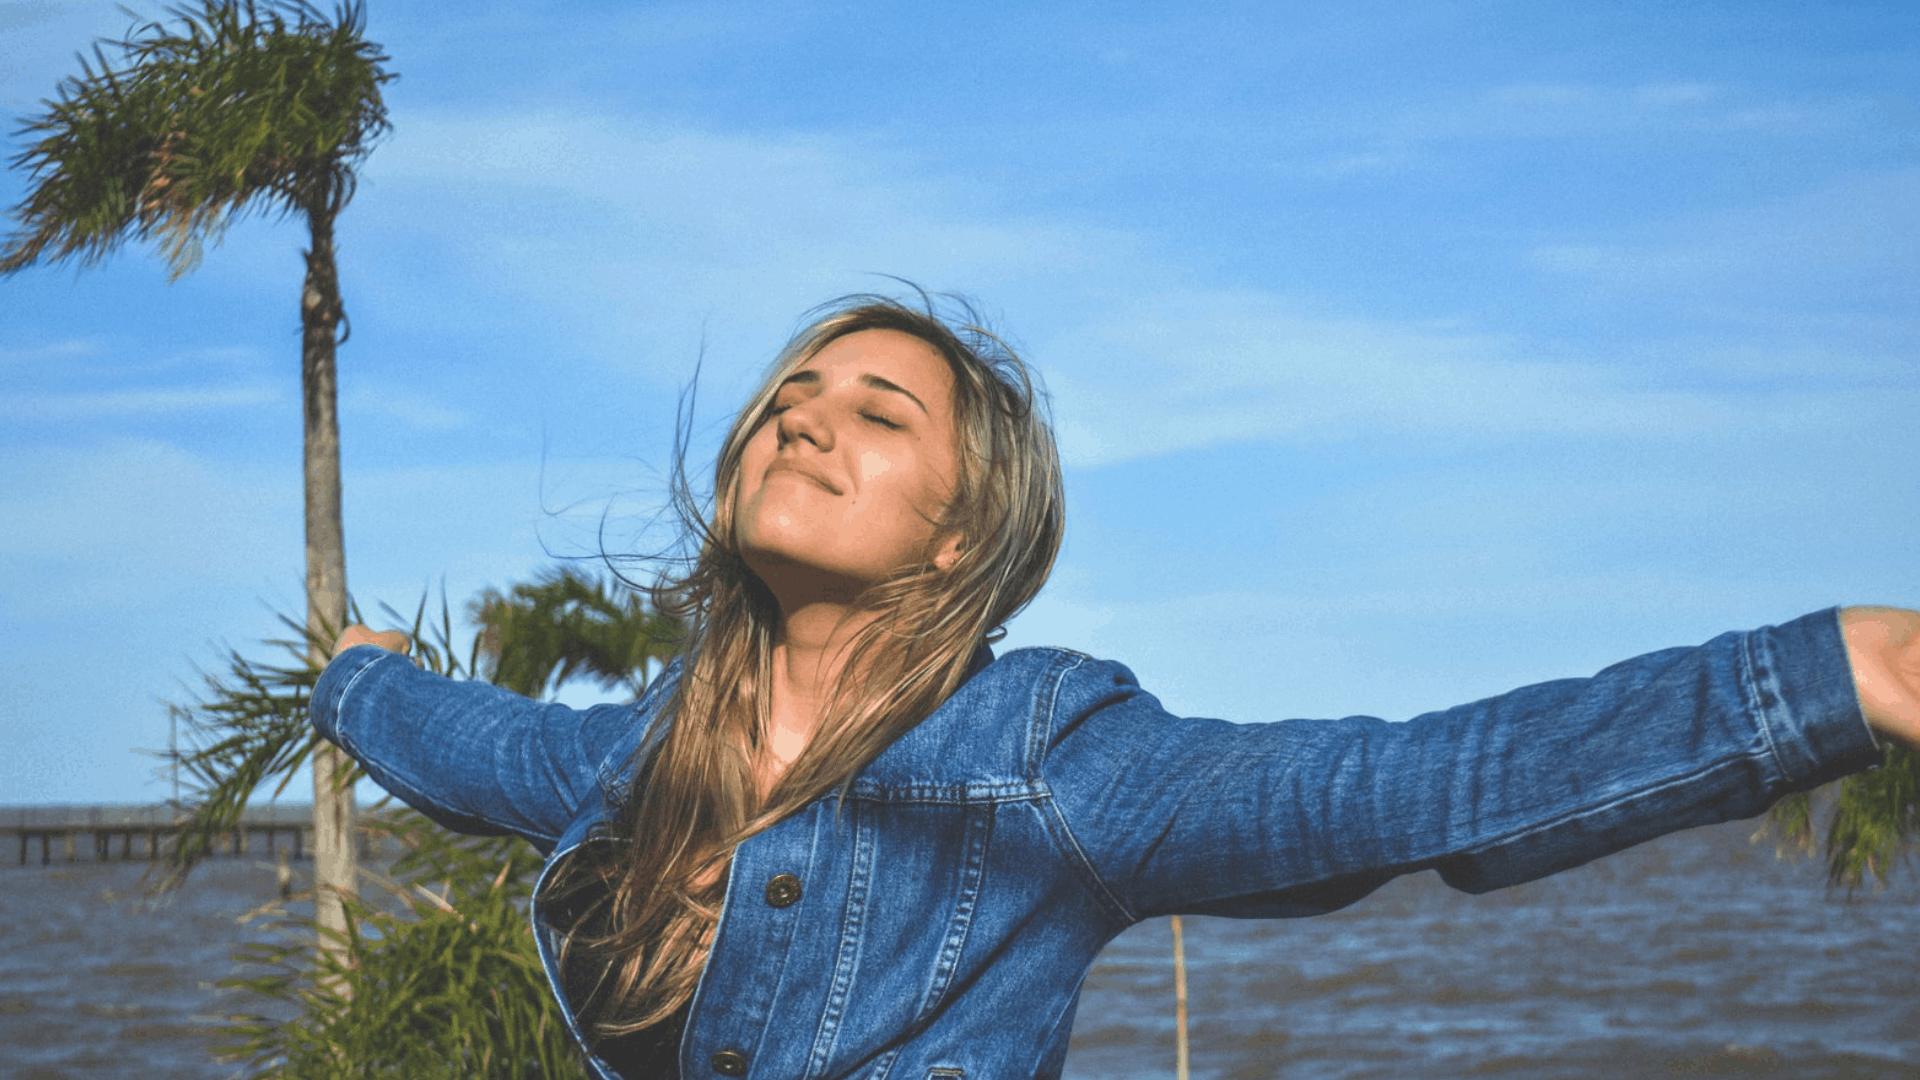 Glückliche Frau streckt die Arme nach links und rechts aus und genießt das Leben